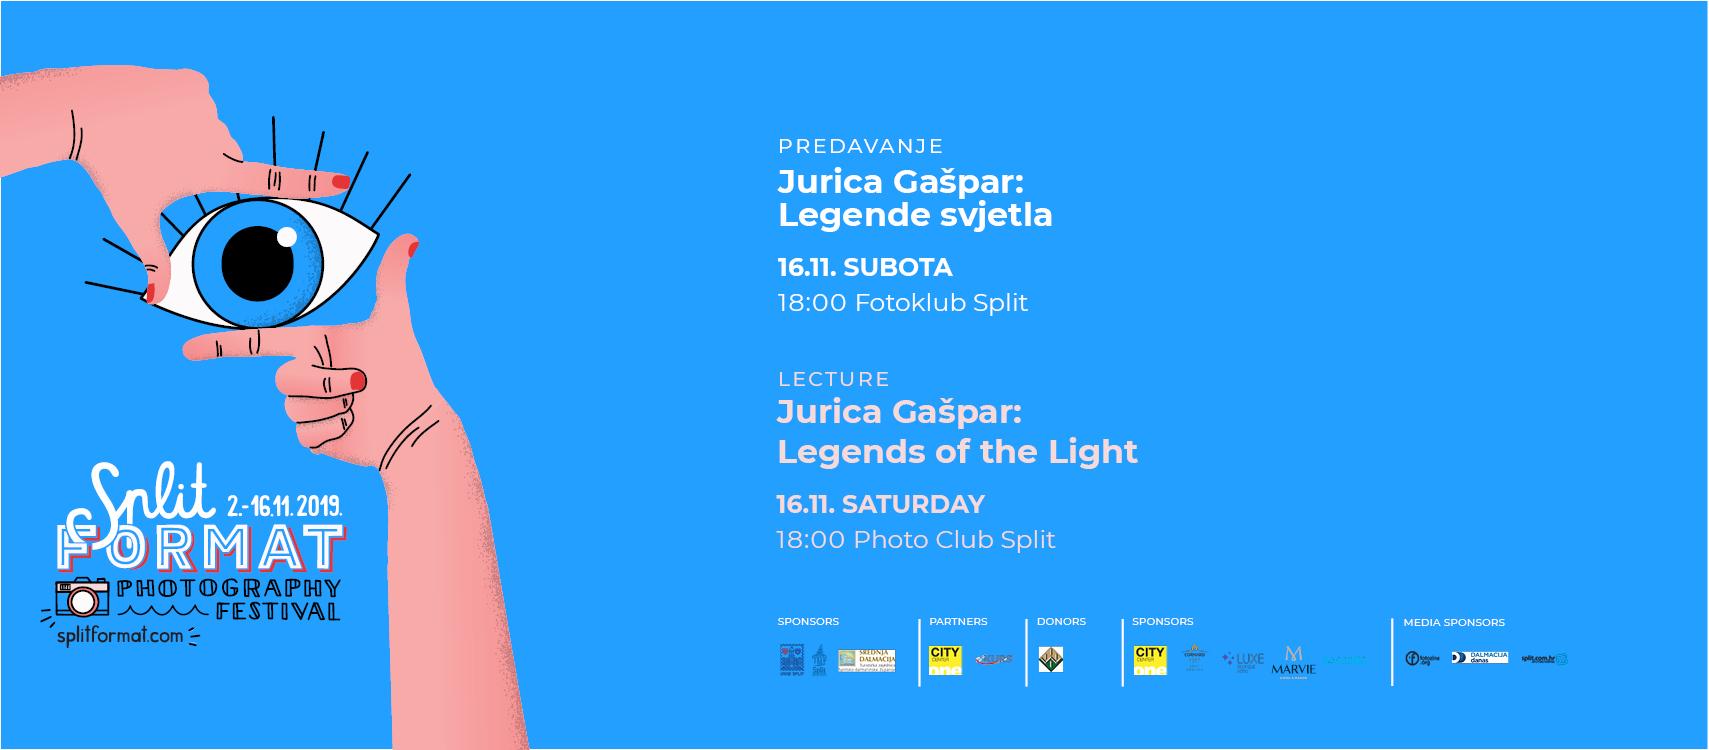 Jurica Gašpar: Legende svjetla